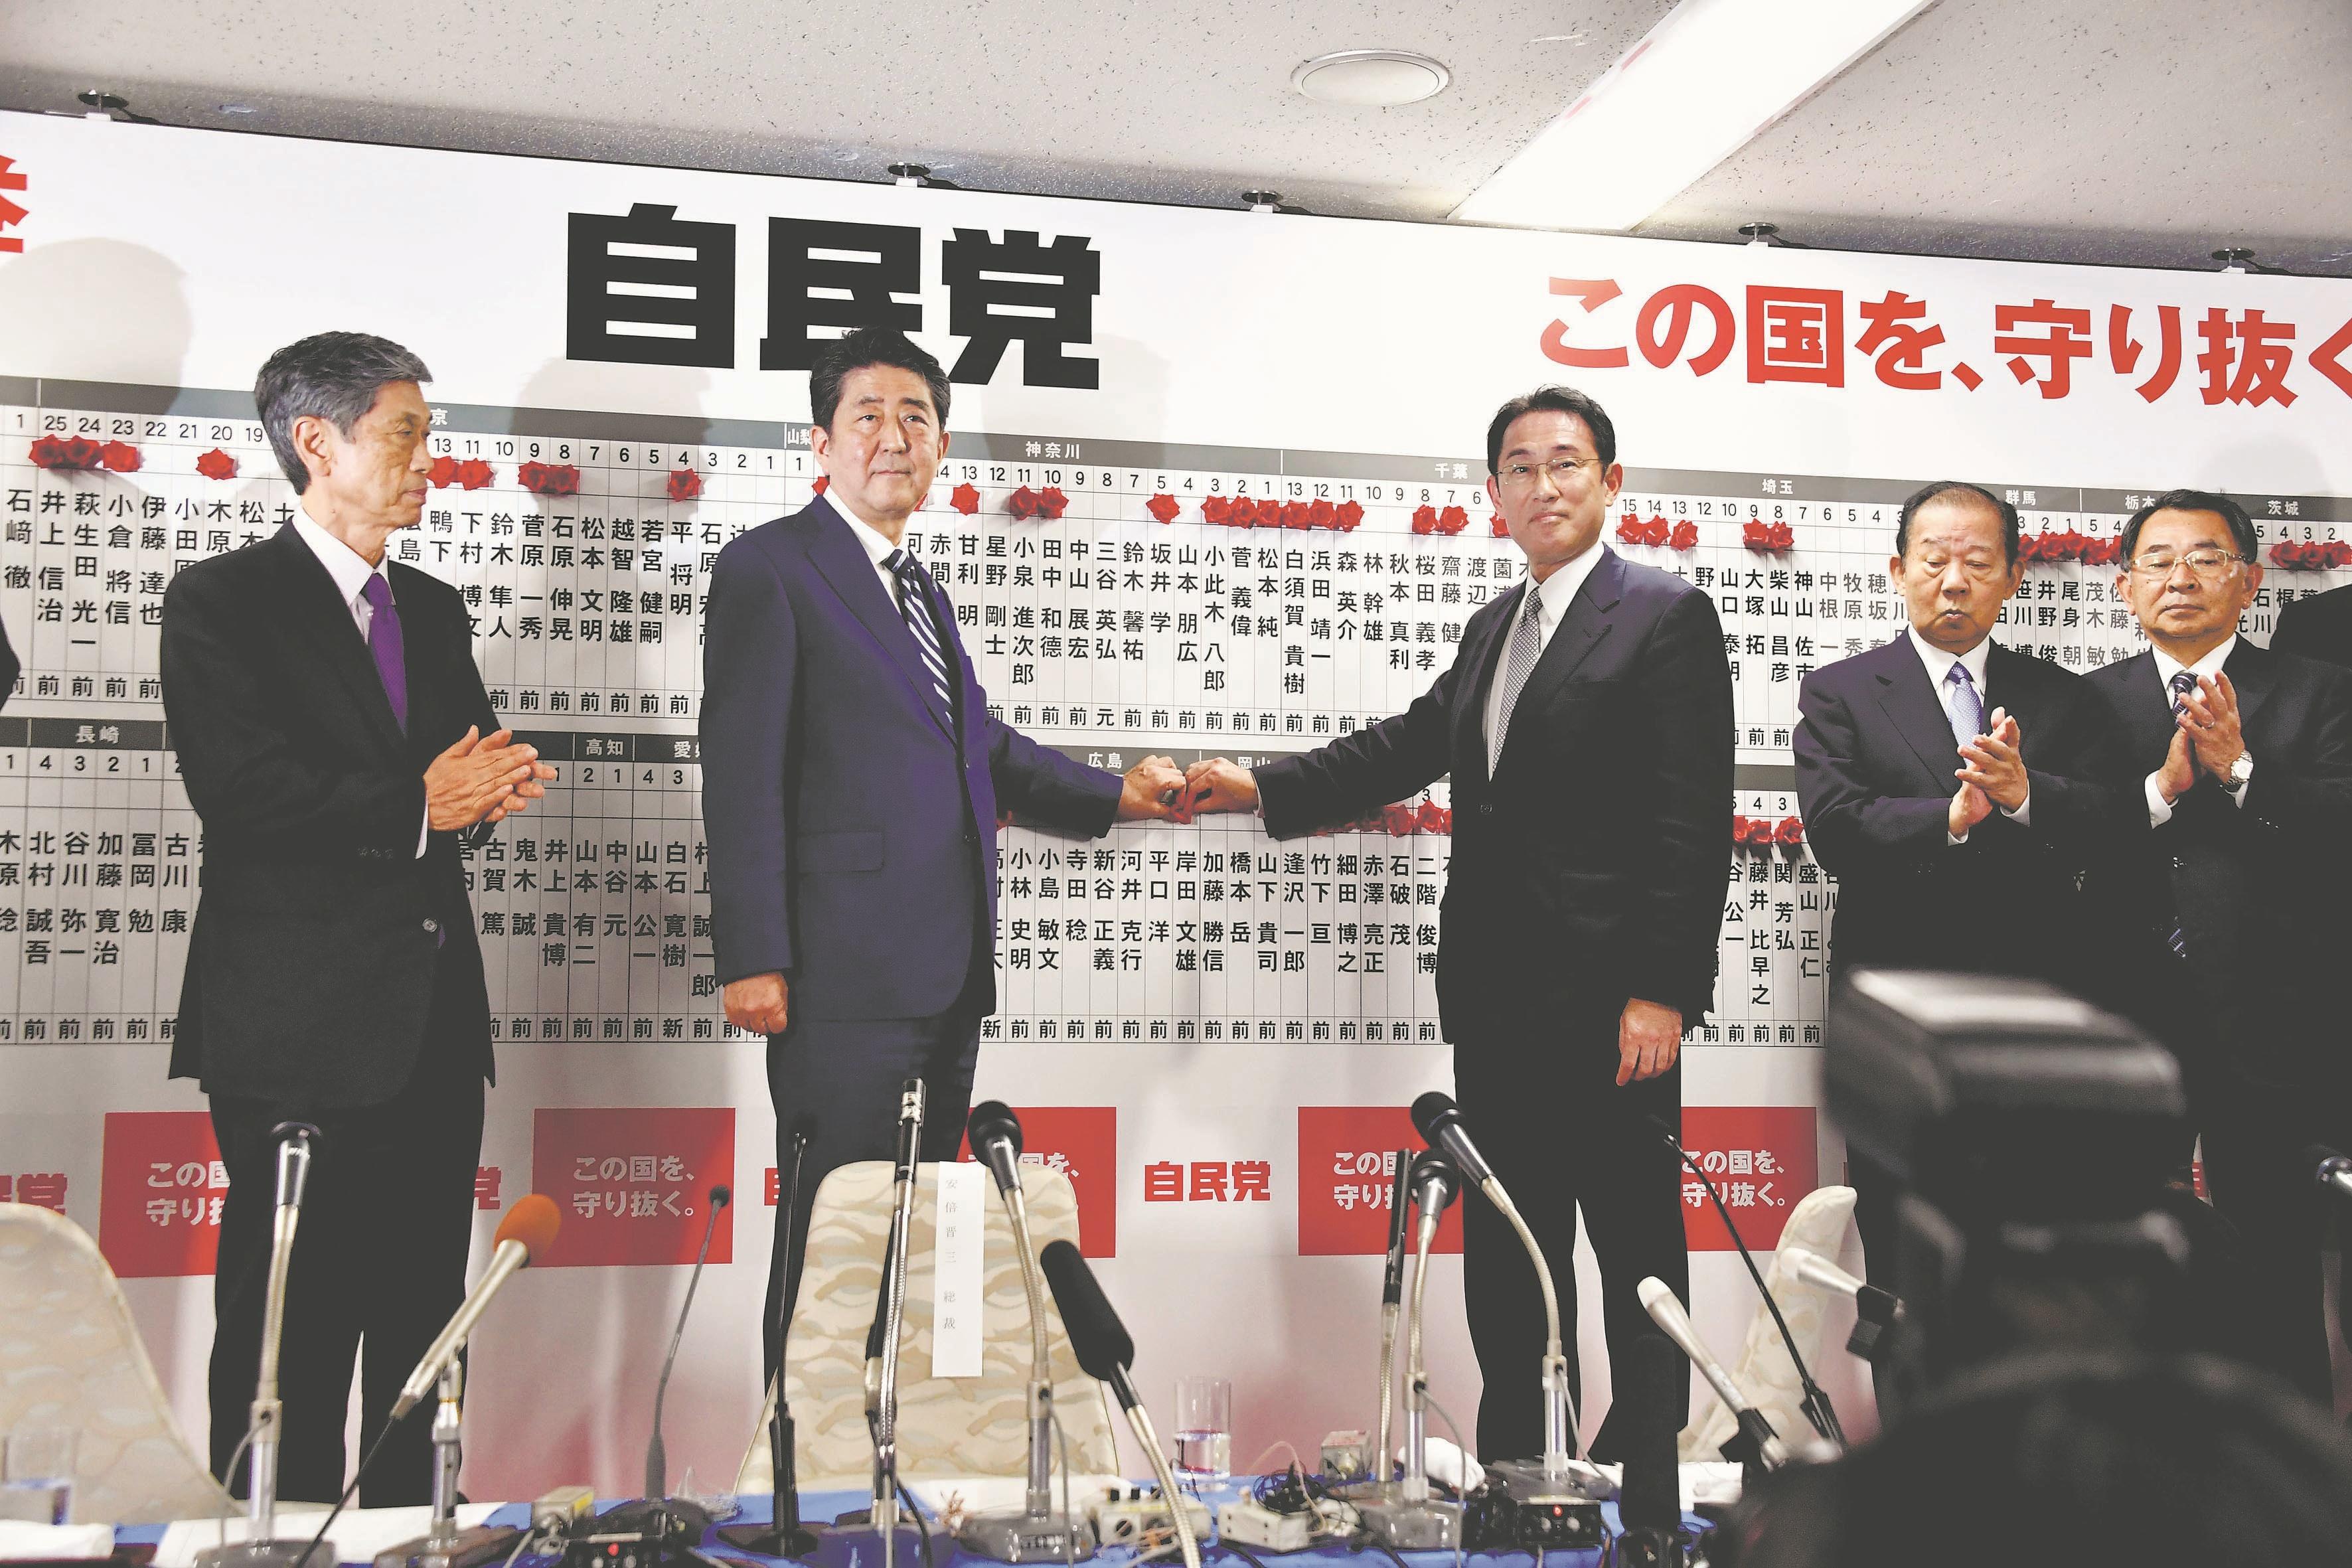 تصاویر | انتخابات پارلمانی در ژاپن | حزب «شینزو آبه» پیروز شد